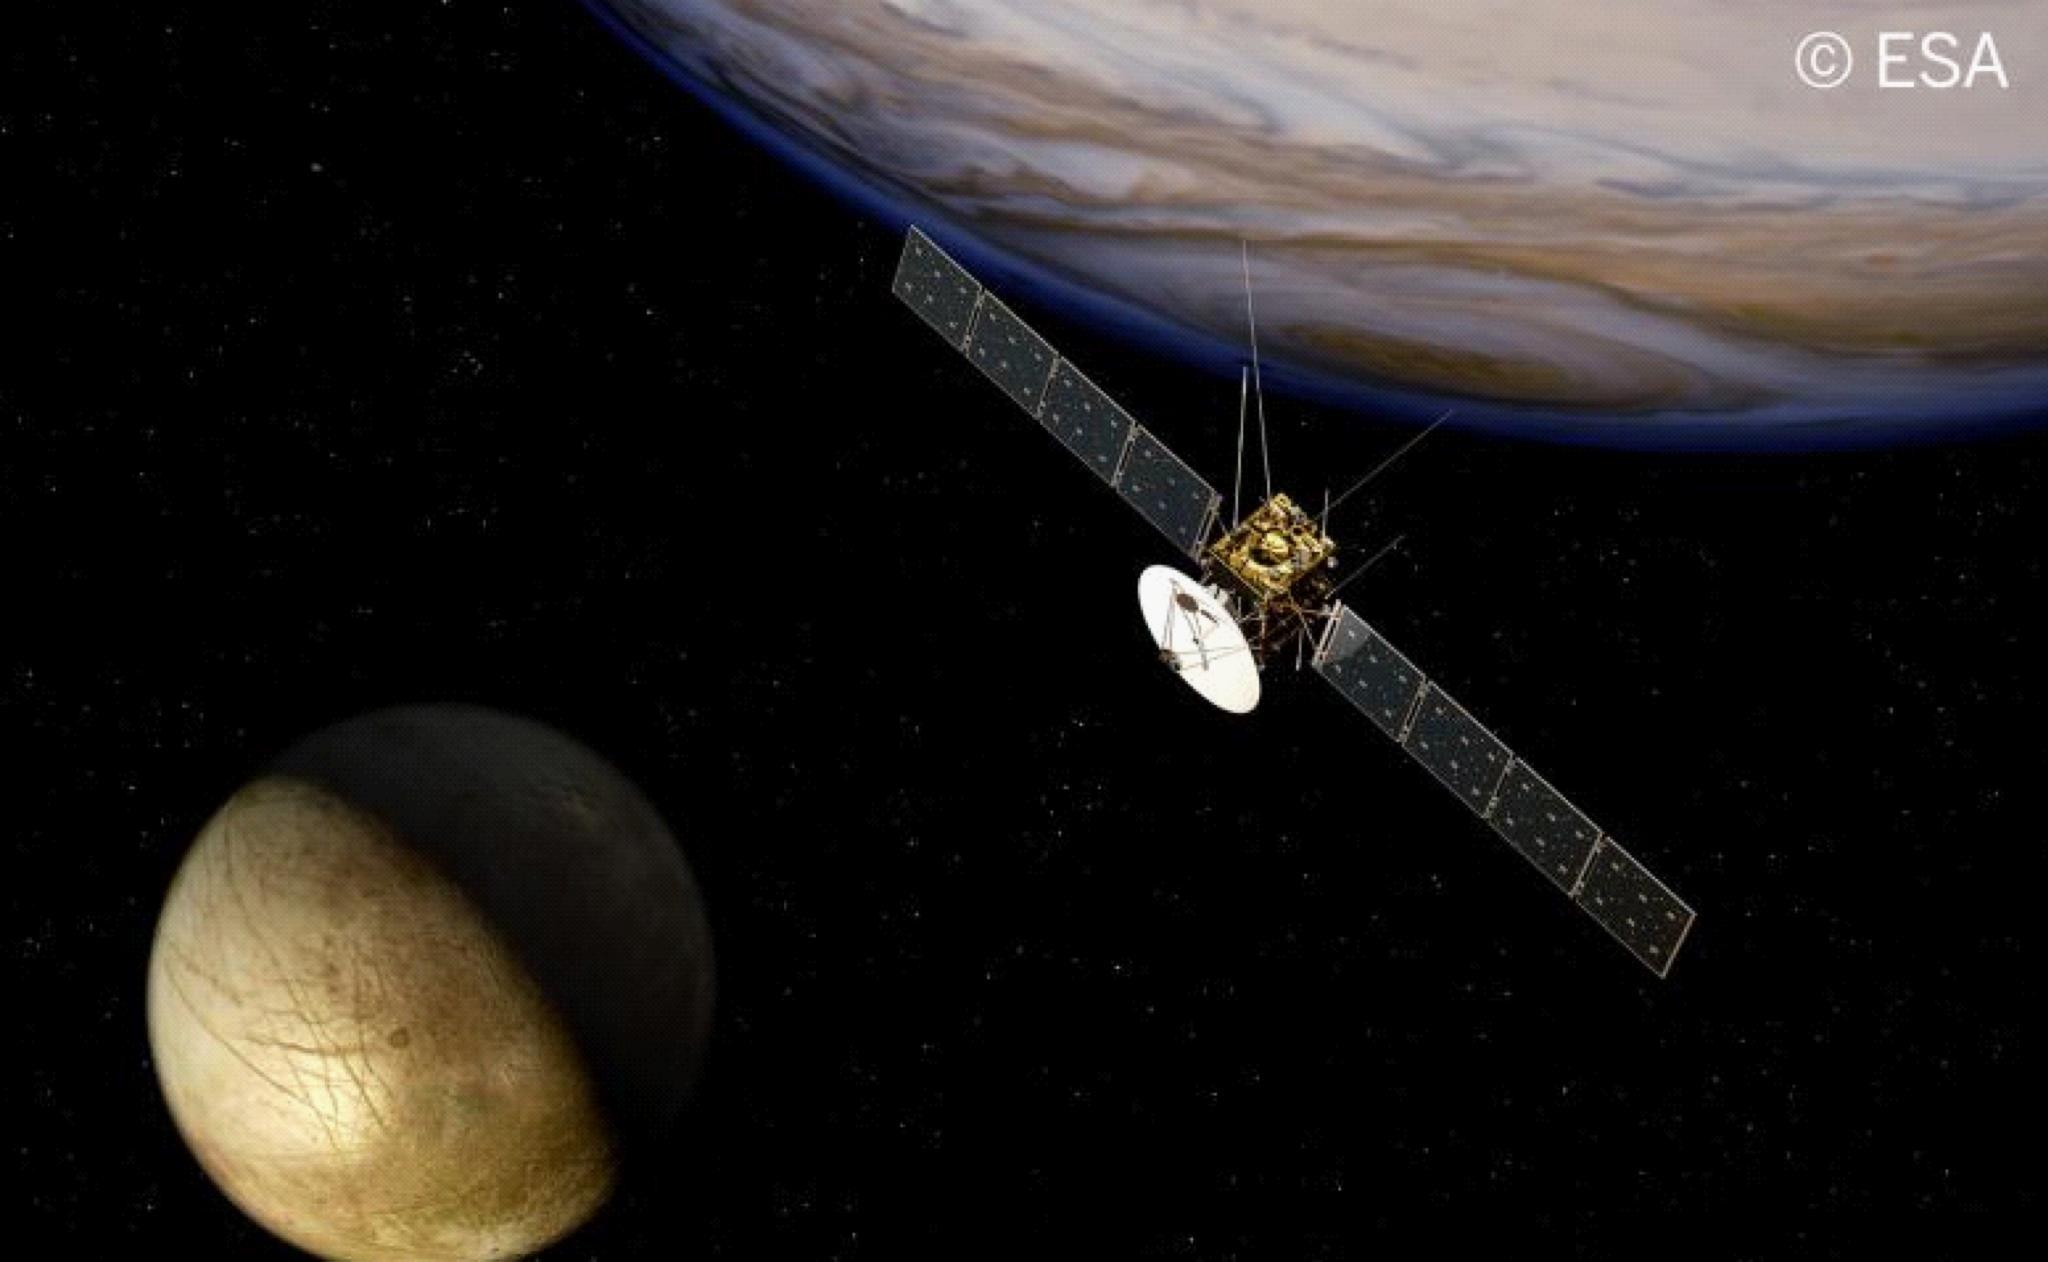 JUICE sobrevolando la luna Europa